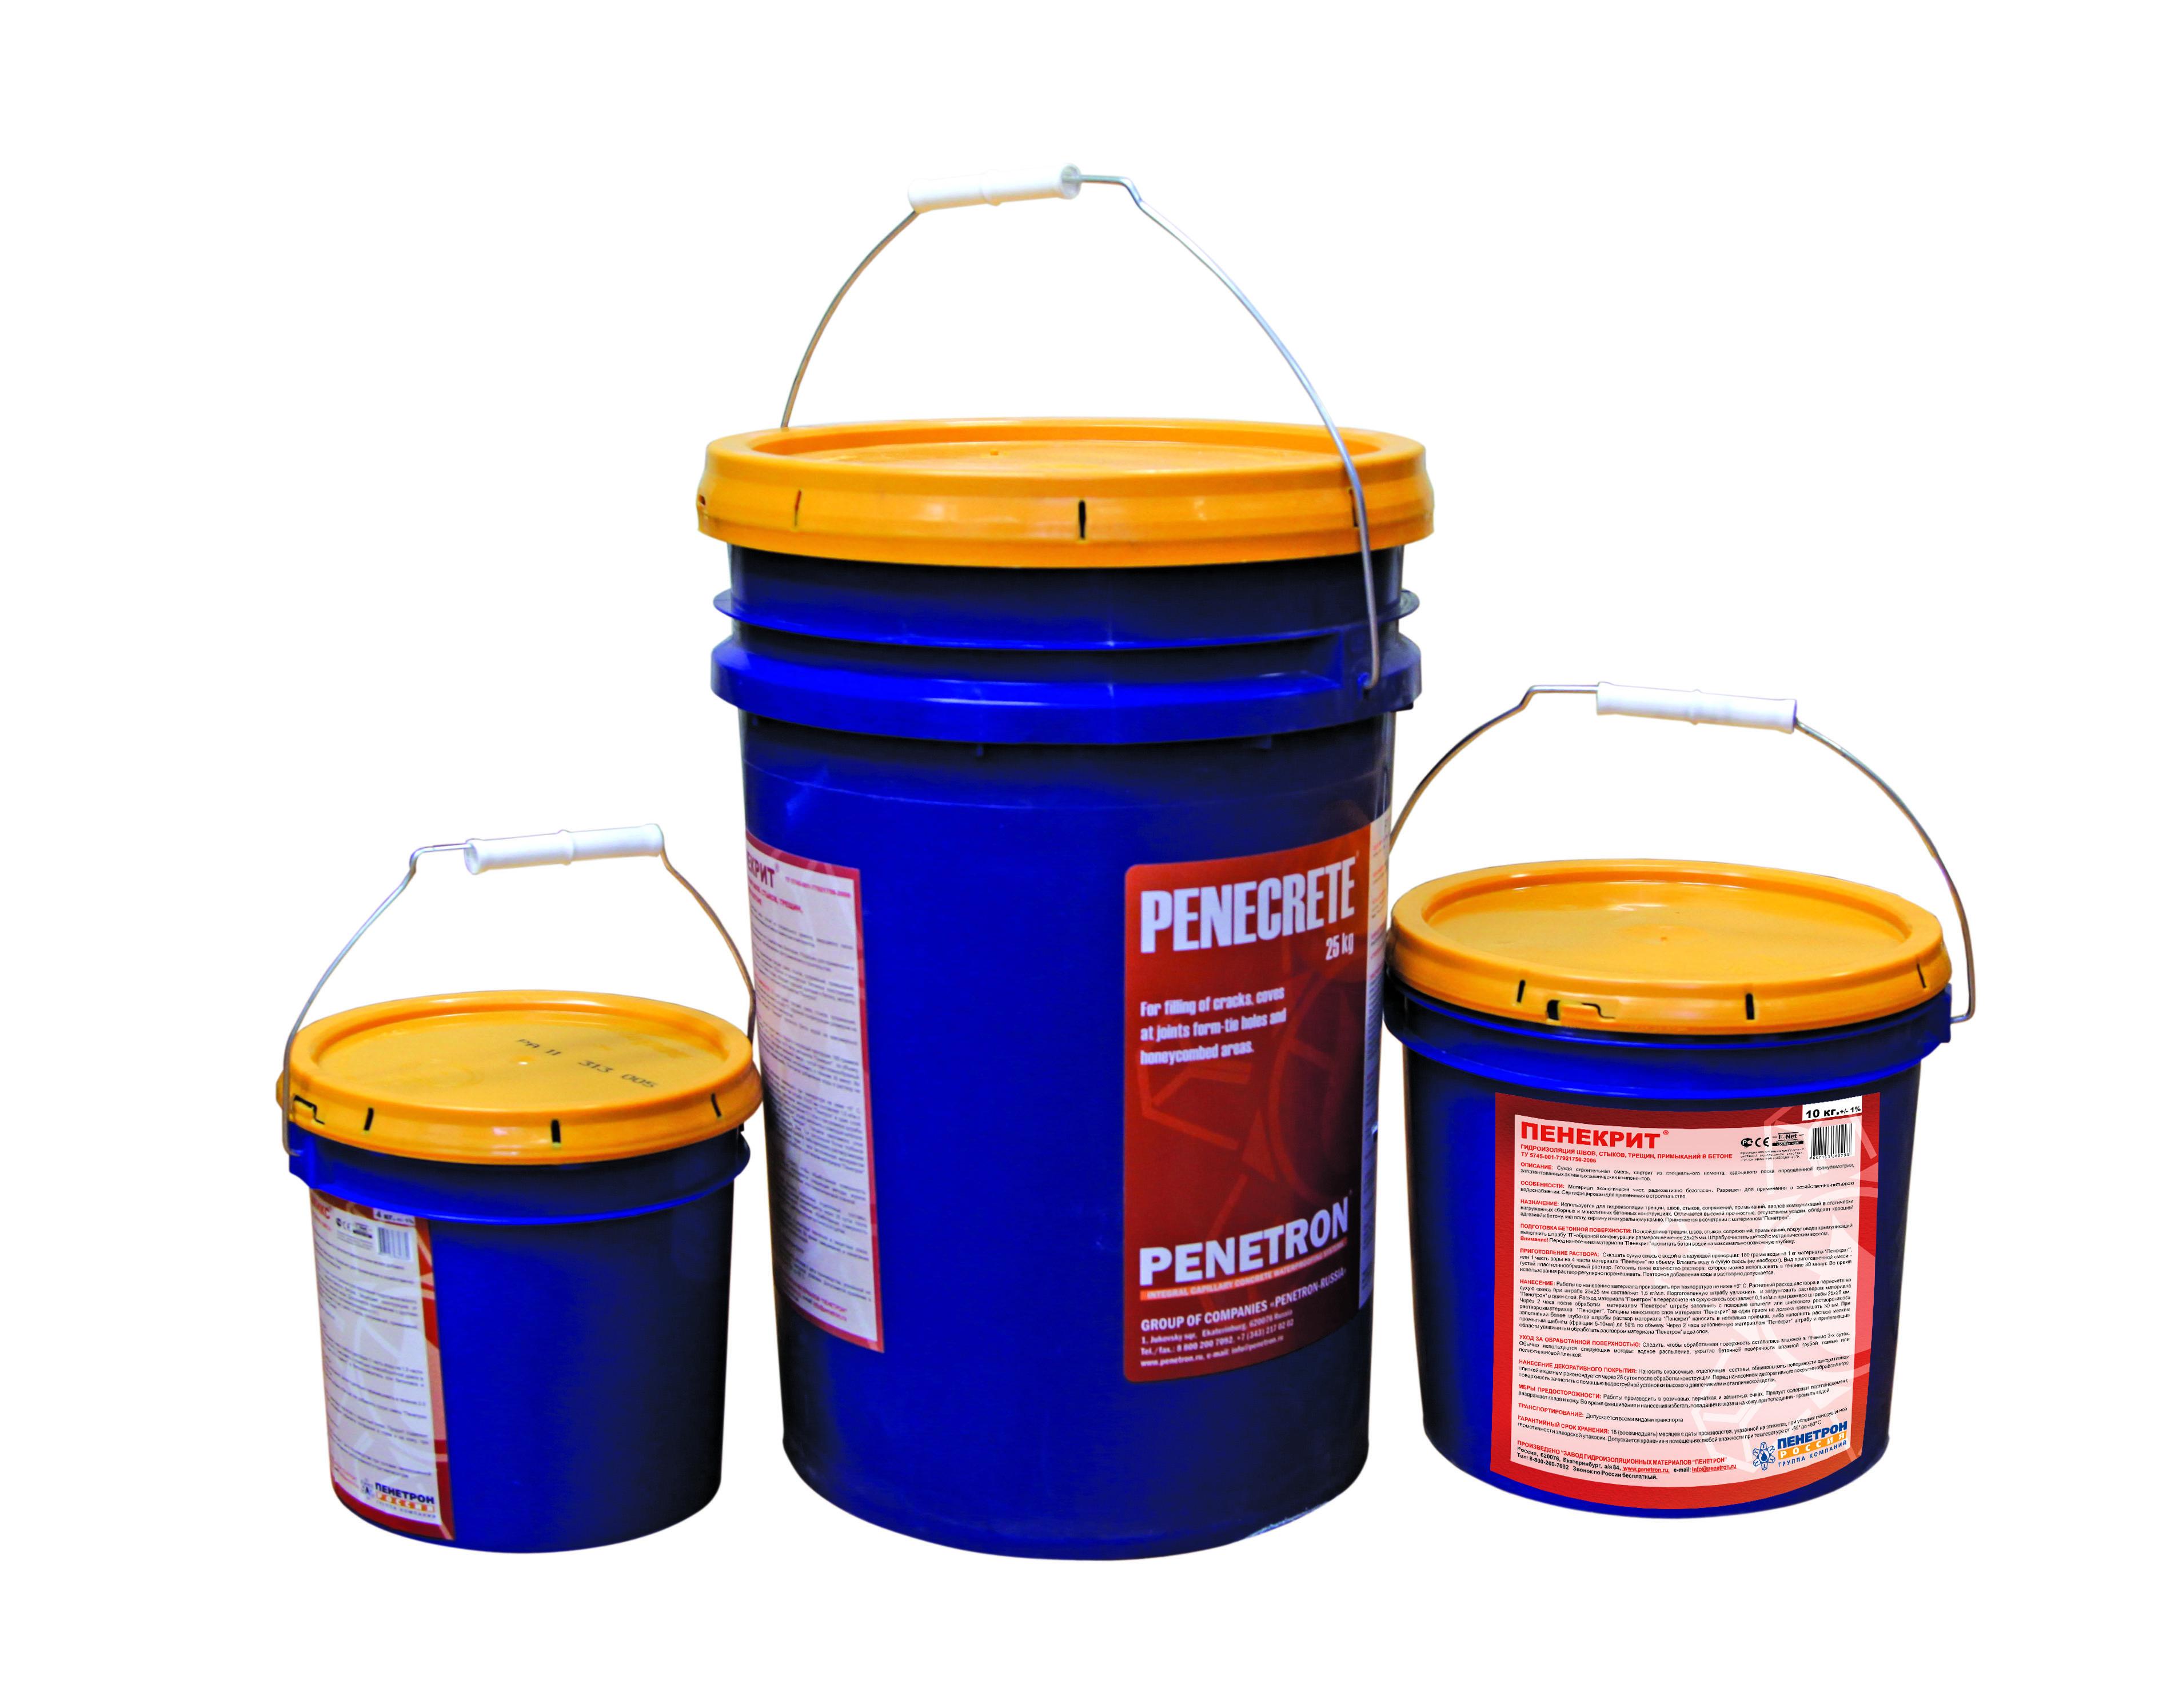 Смесь пенетрон пенекрит для гидроизоляция швов 10 кг полиуретановый герметик пу-15